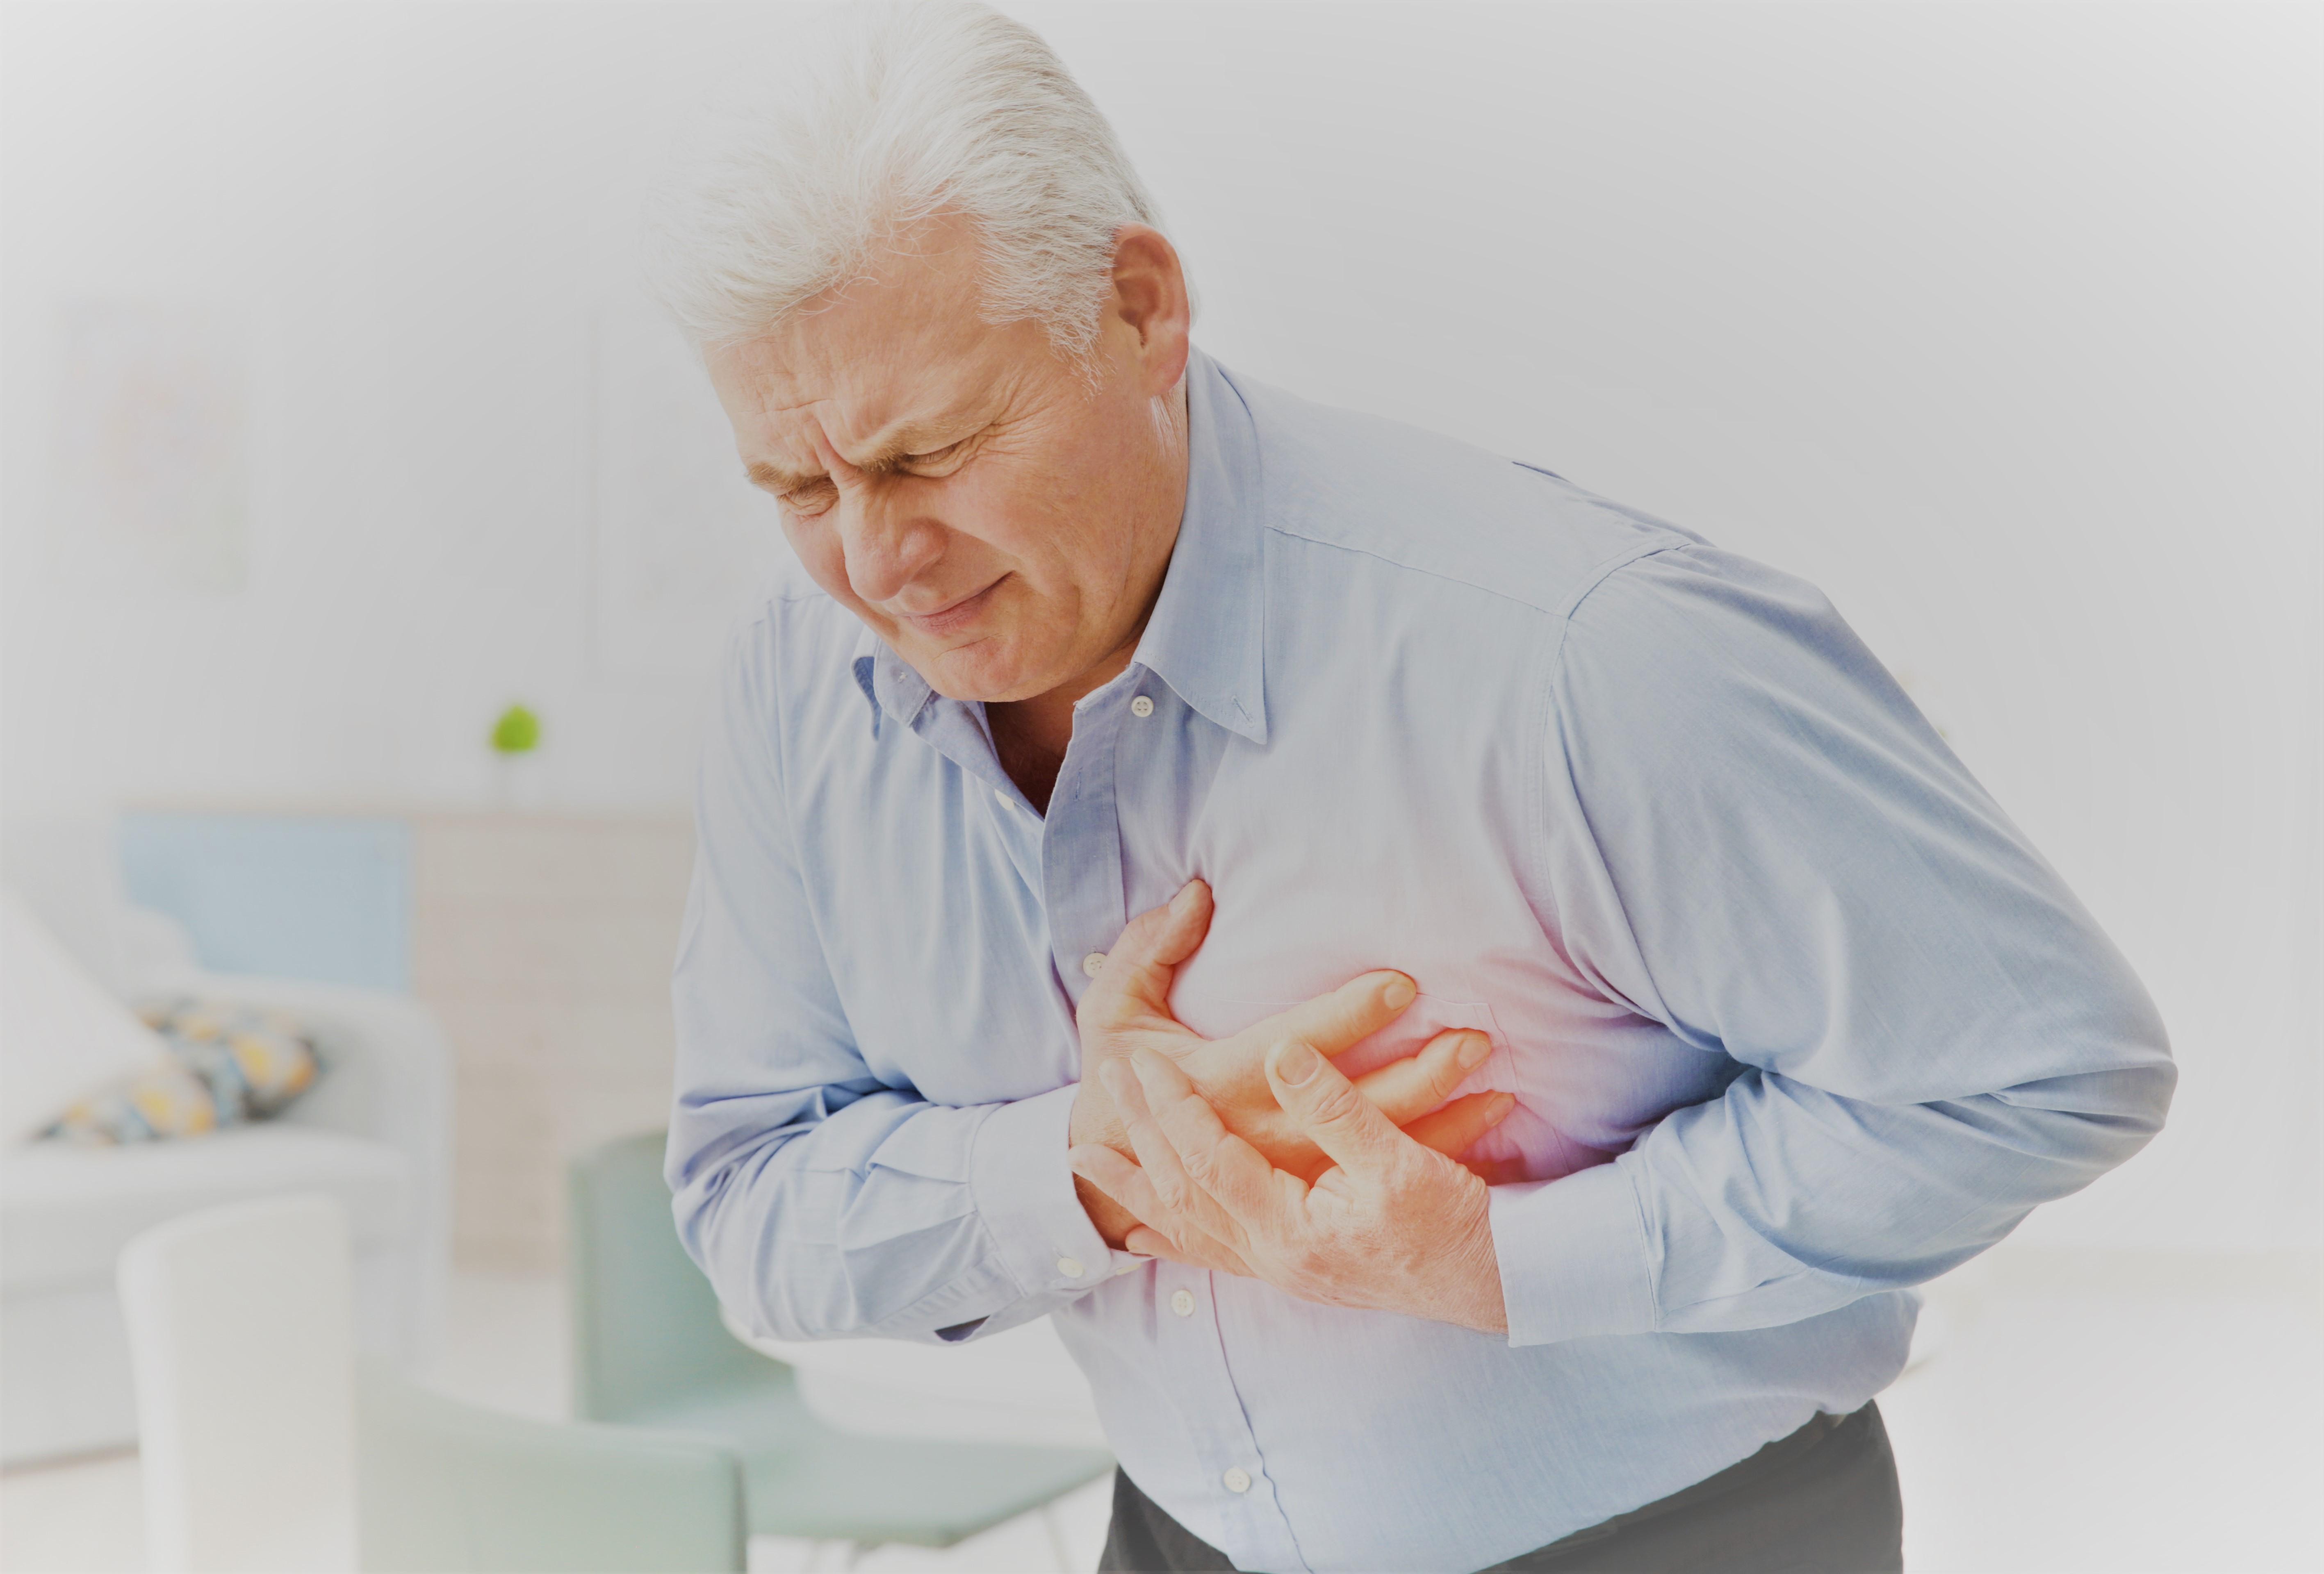 hipertónia fájdalom szindrómával gyakorlat magas vérnyomás kezelésére gyógyszeres videó nélkül